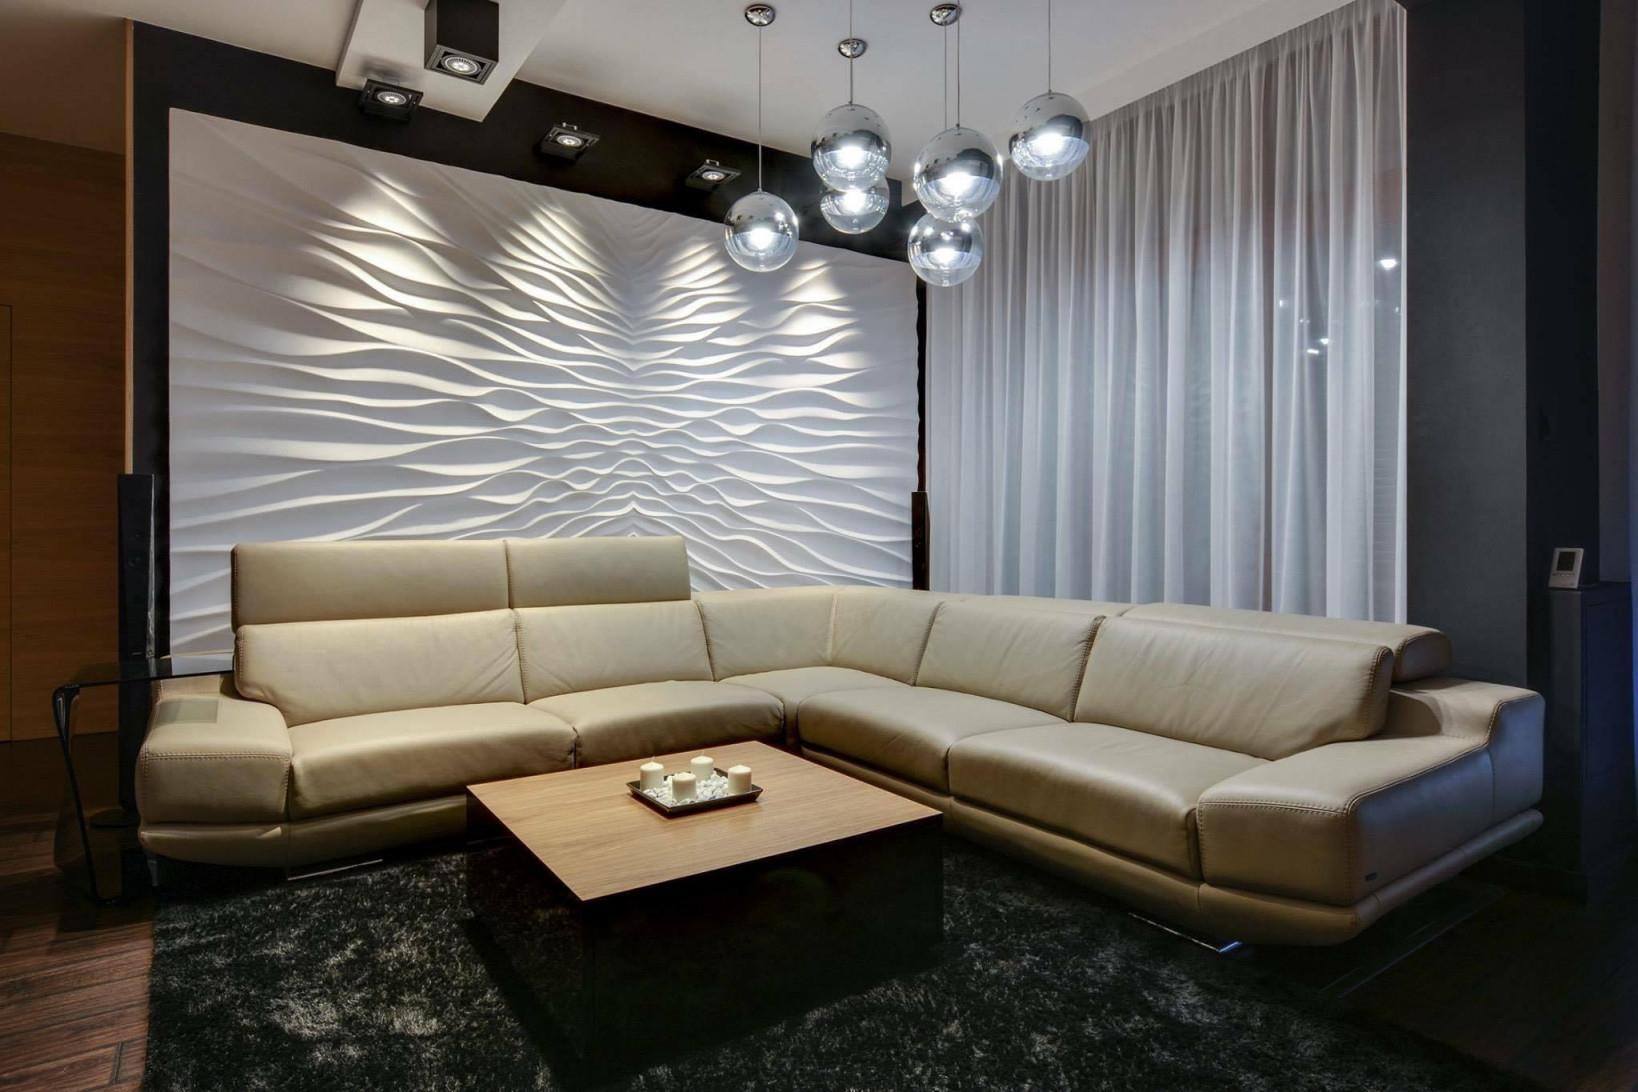 Wandverkleidung Individualisieren So Geht's von Wandverkleidung Wohnzimmer Ideen Bild